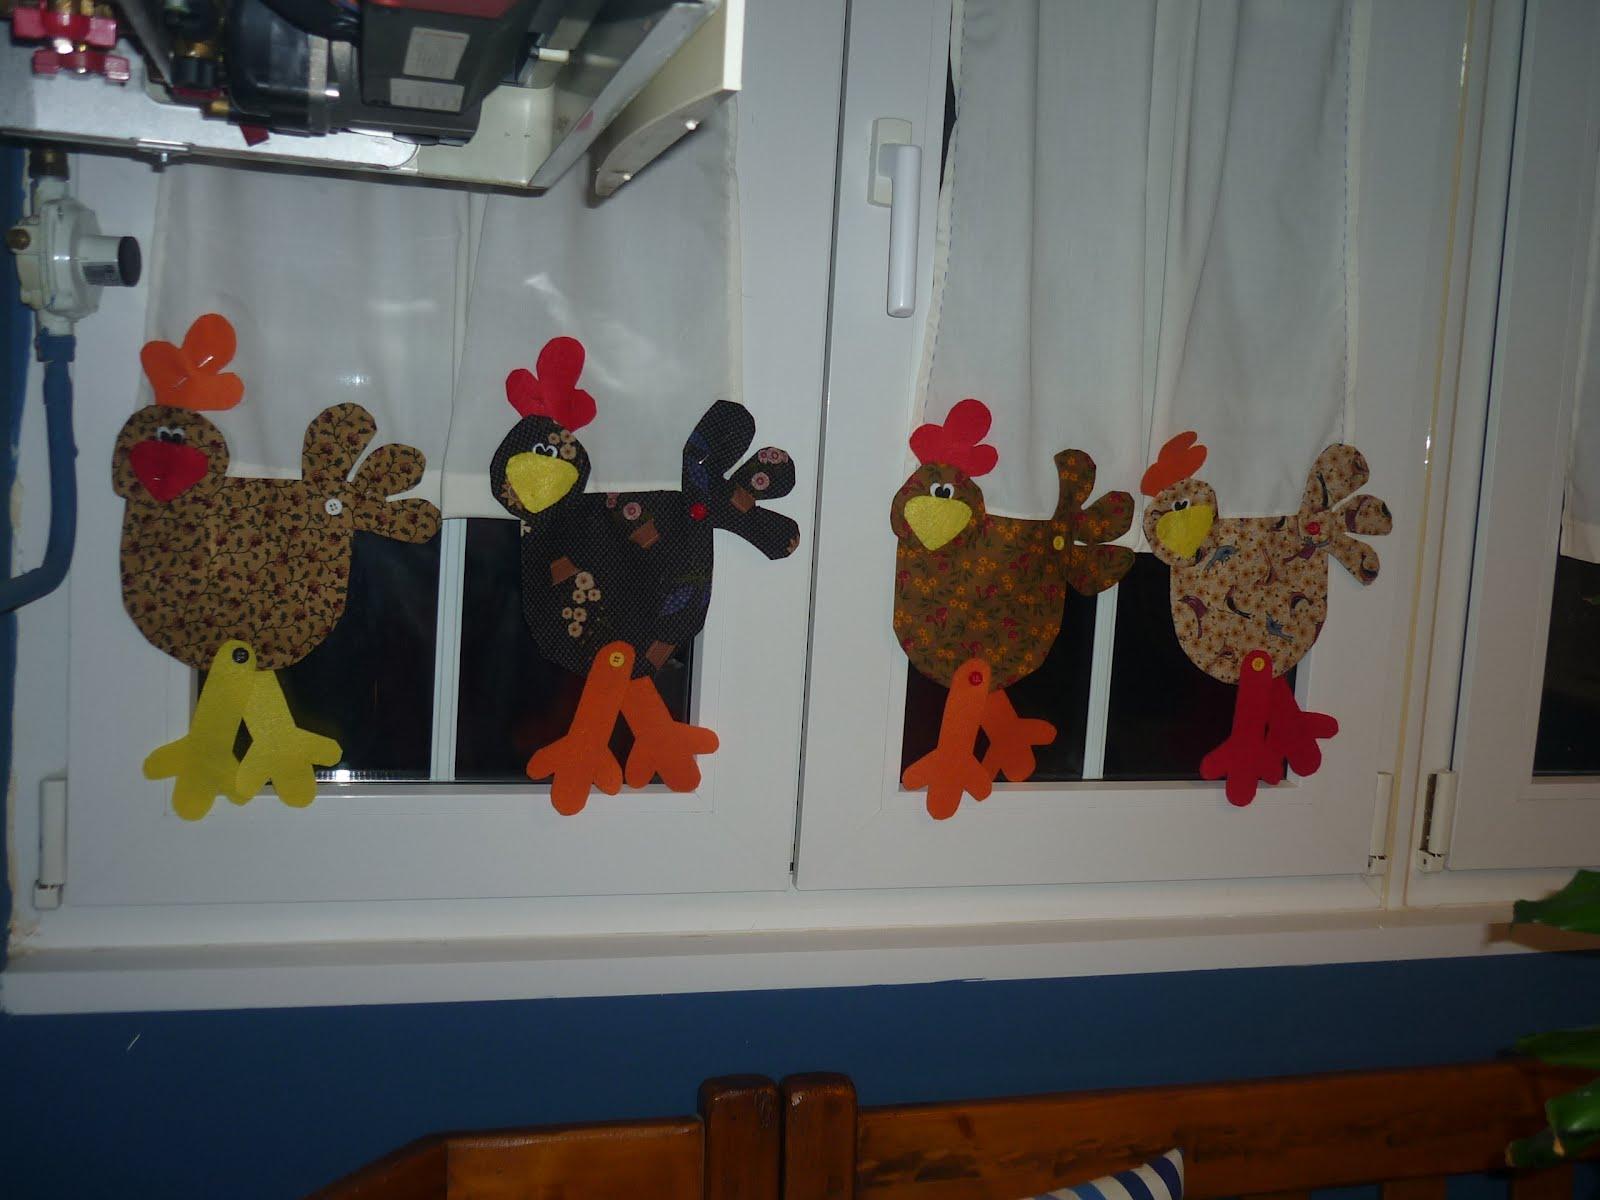 Los retales de mi abuela gallinas en la cocina for Cortinas de cocina originales